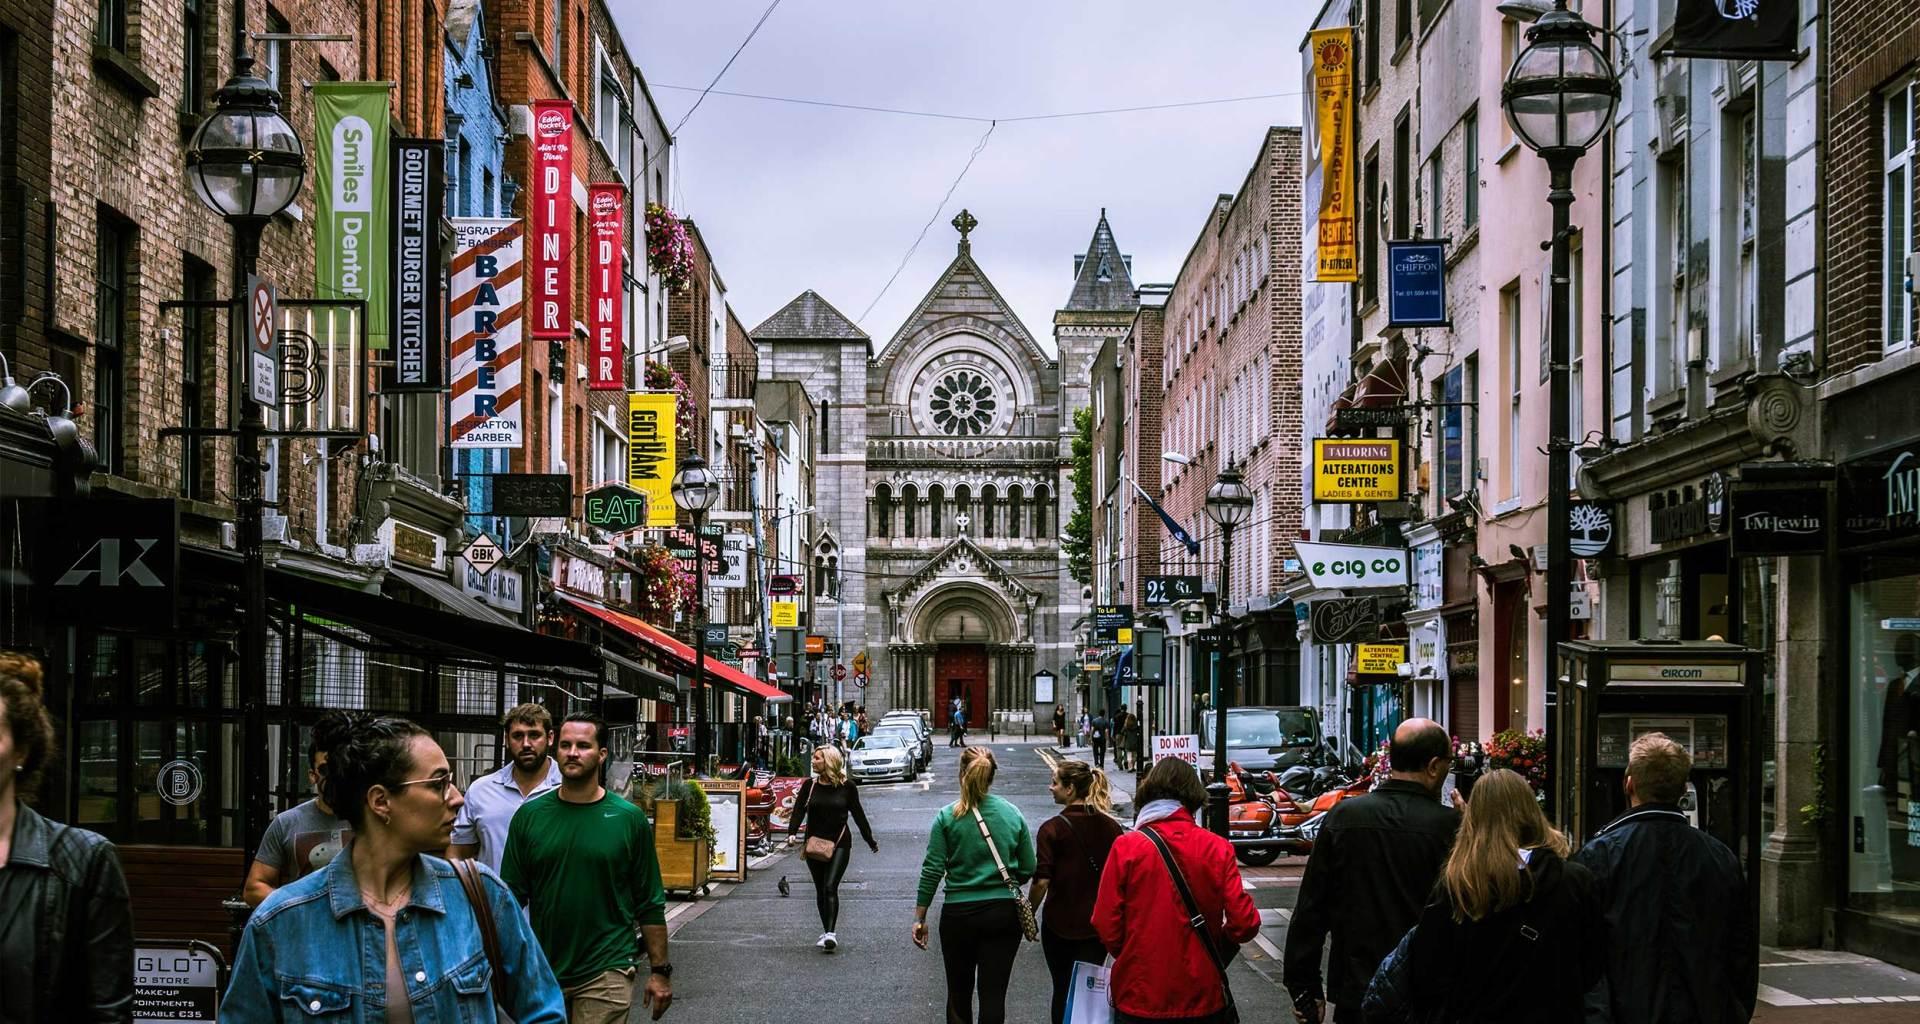 People walking on a city street in Dublin, Ireland.